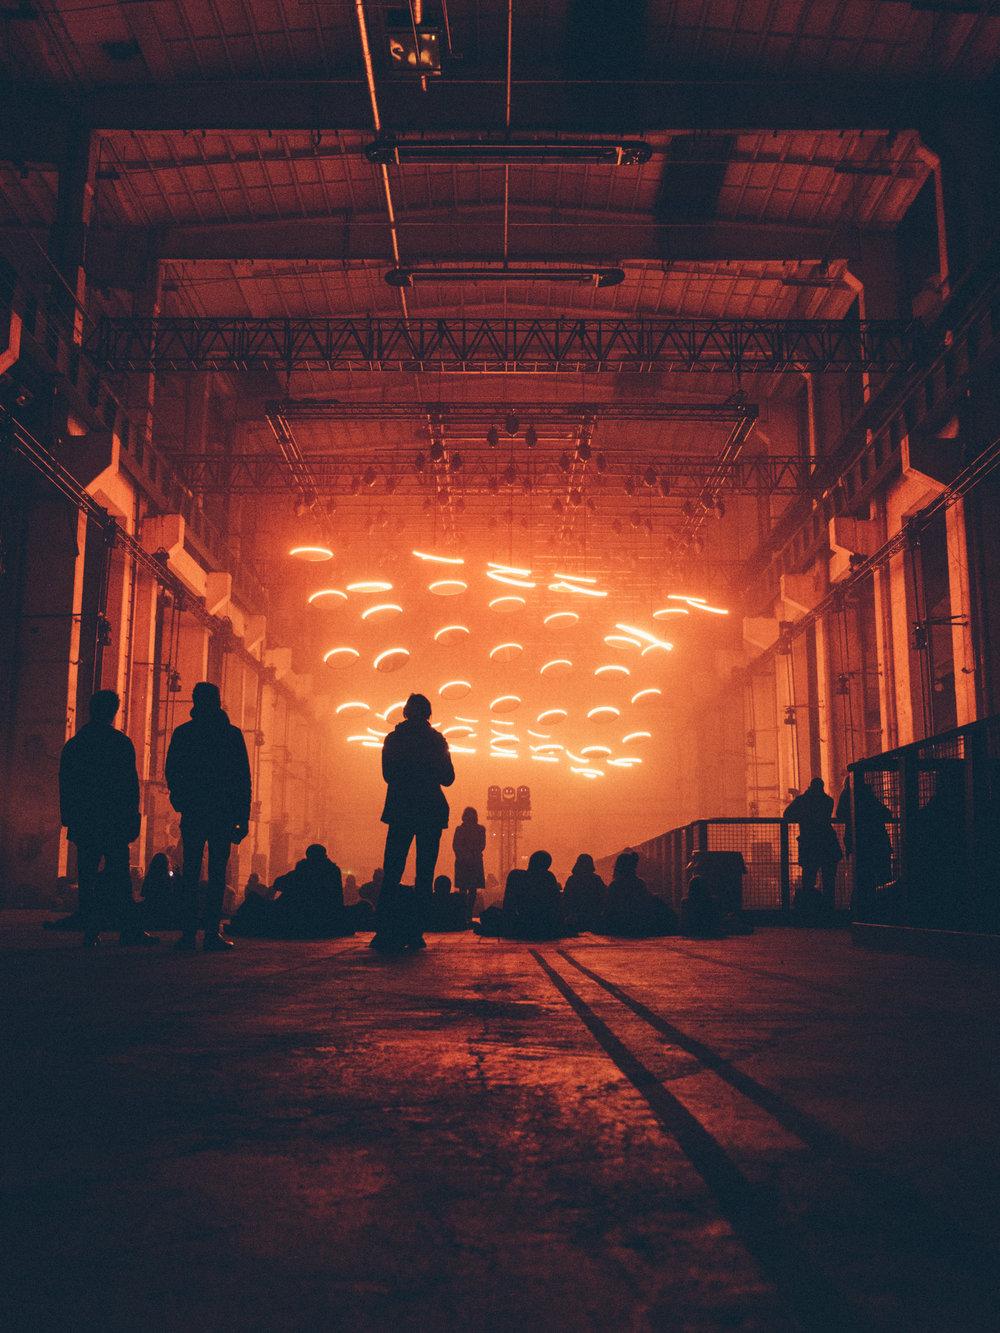 skalar-berlin-kraftwerk-red-light-exhibition